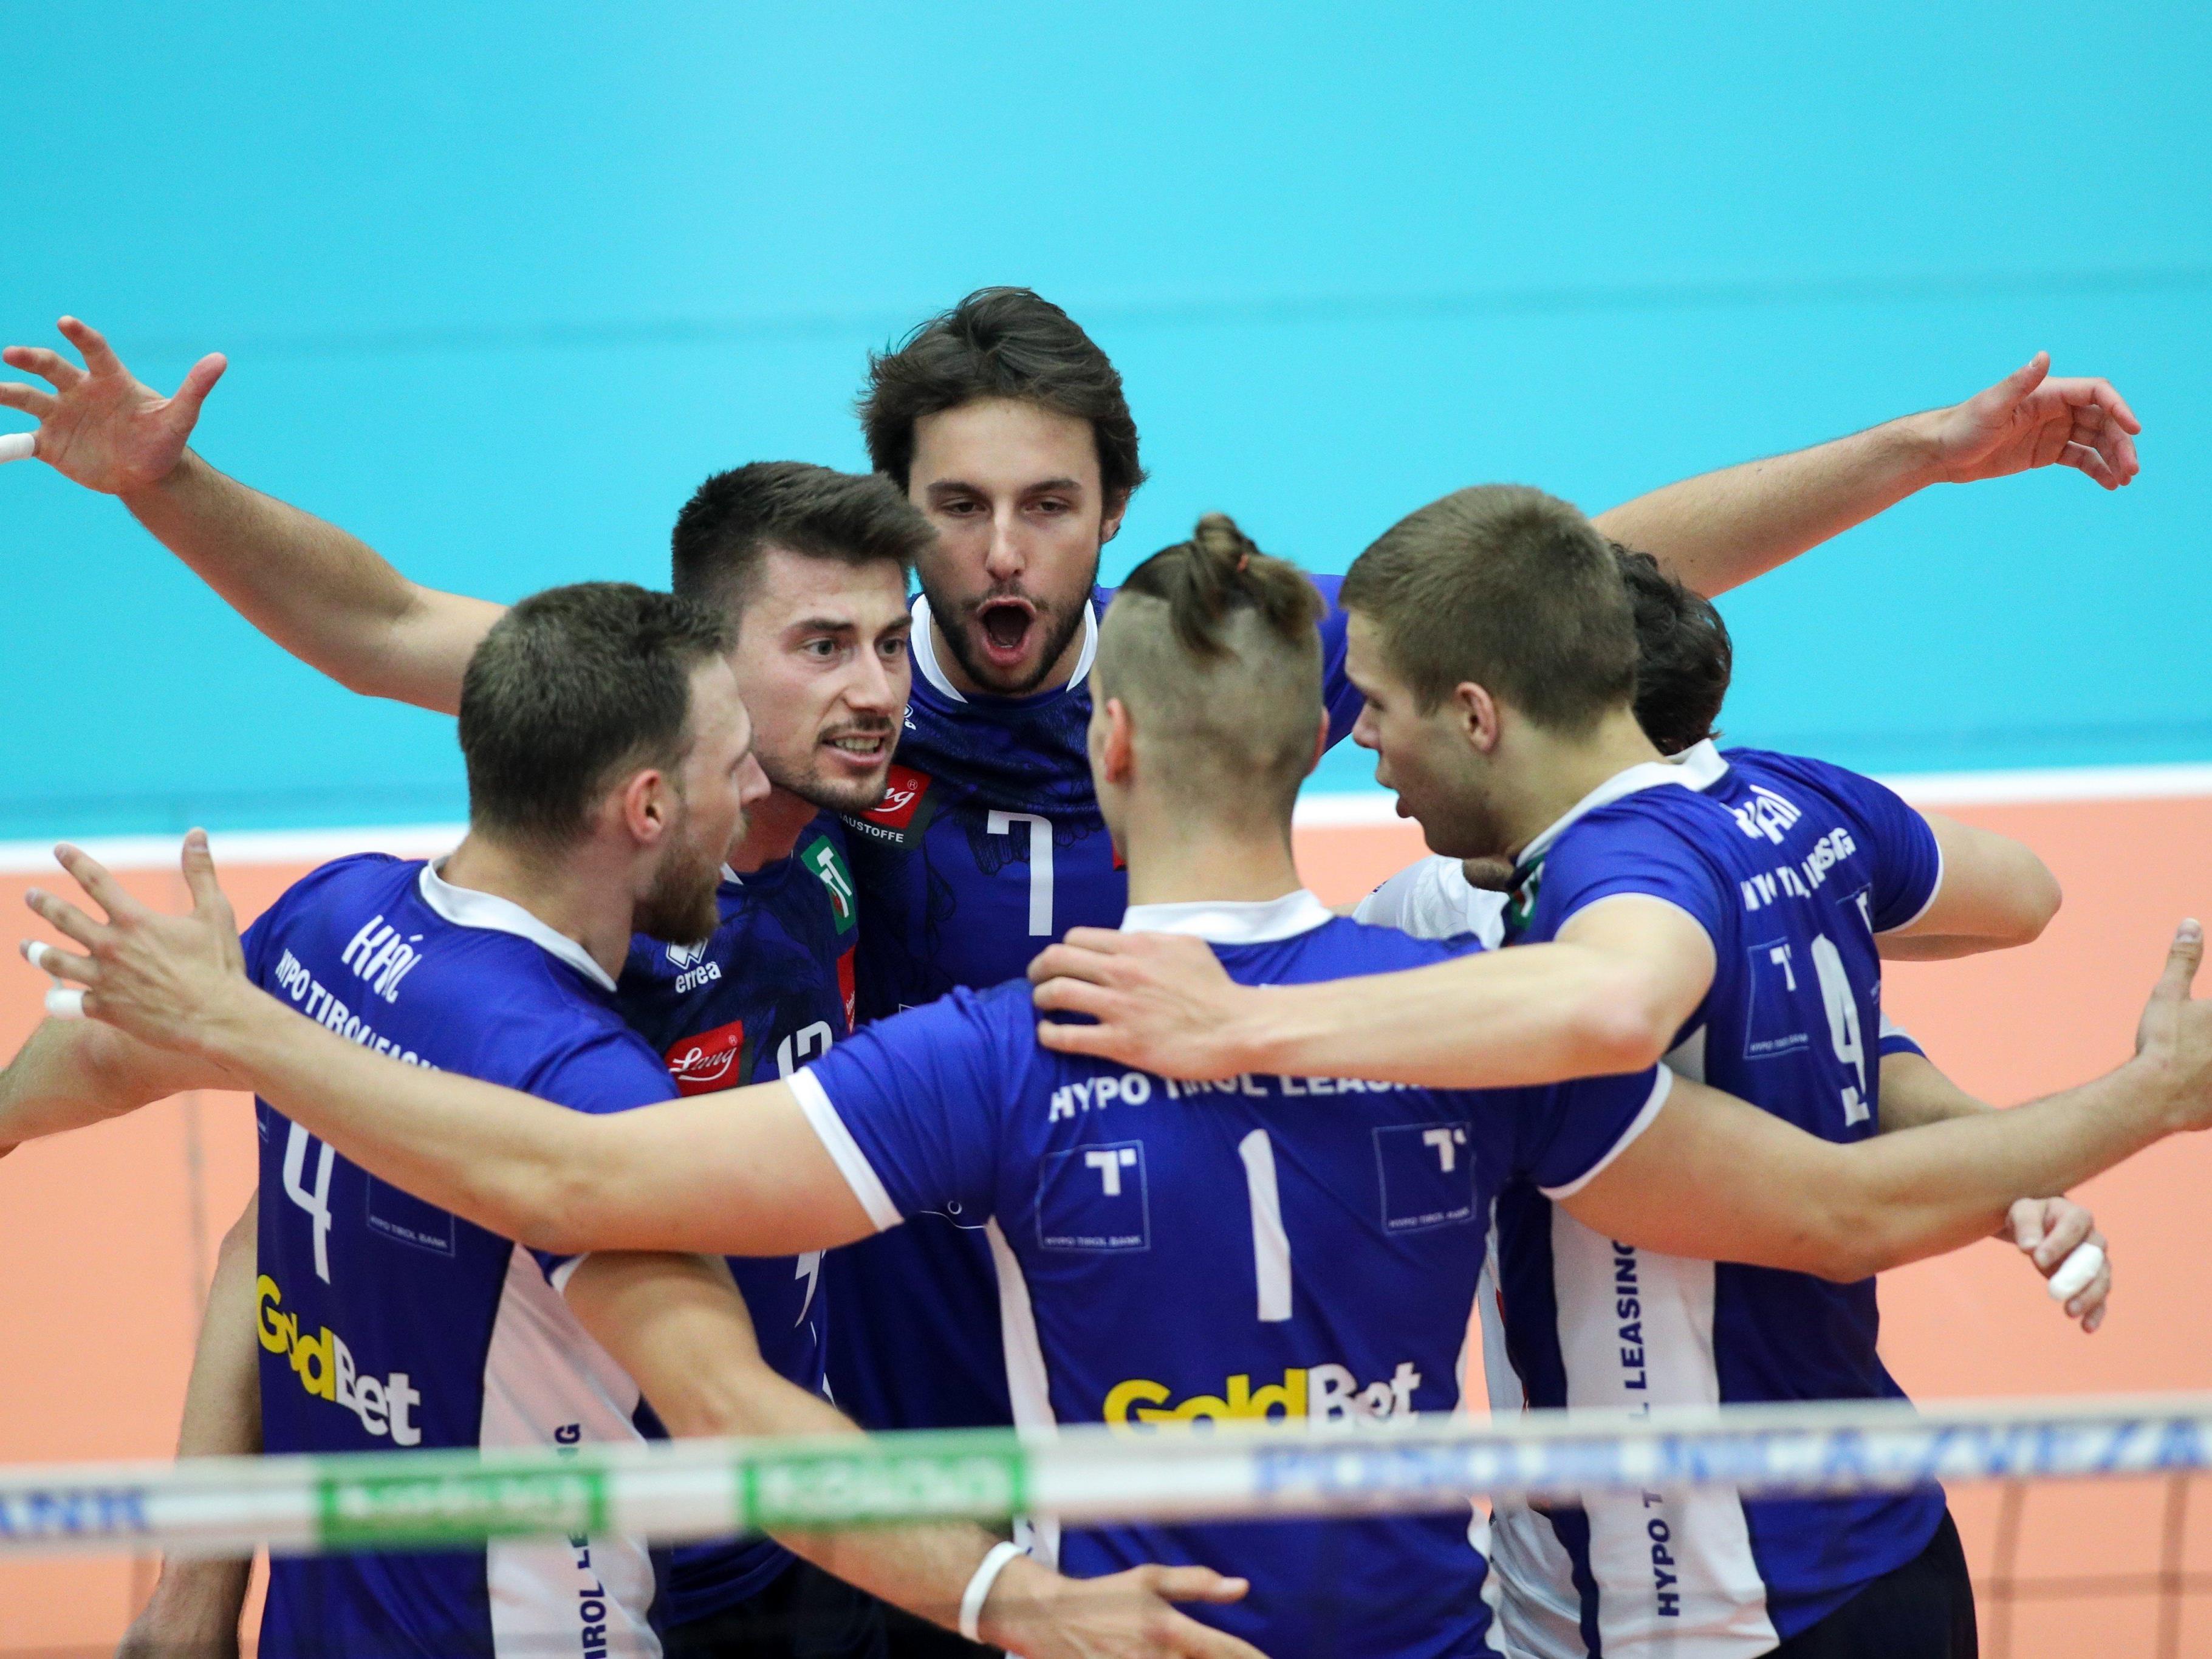 Die Tiroler feiern den vierten Meistertitel in Serie.